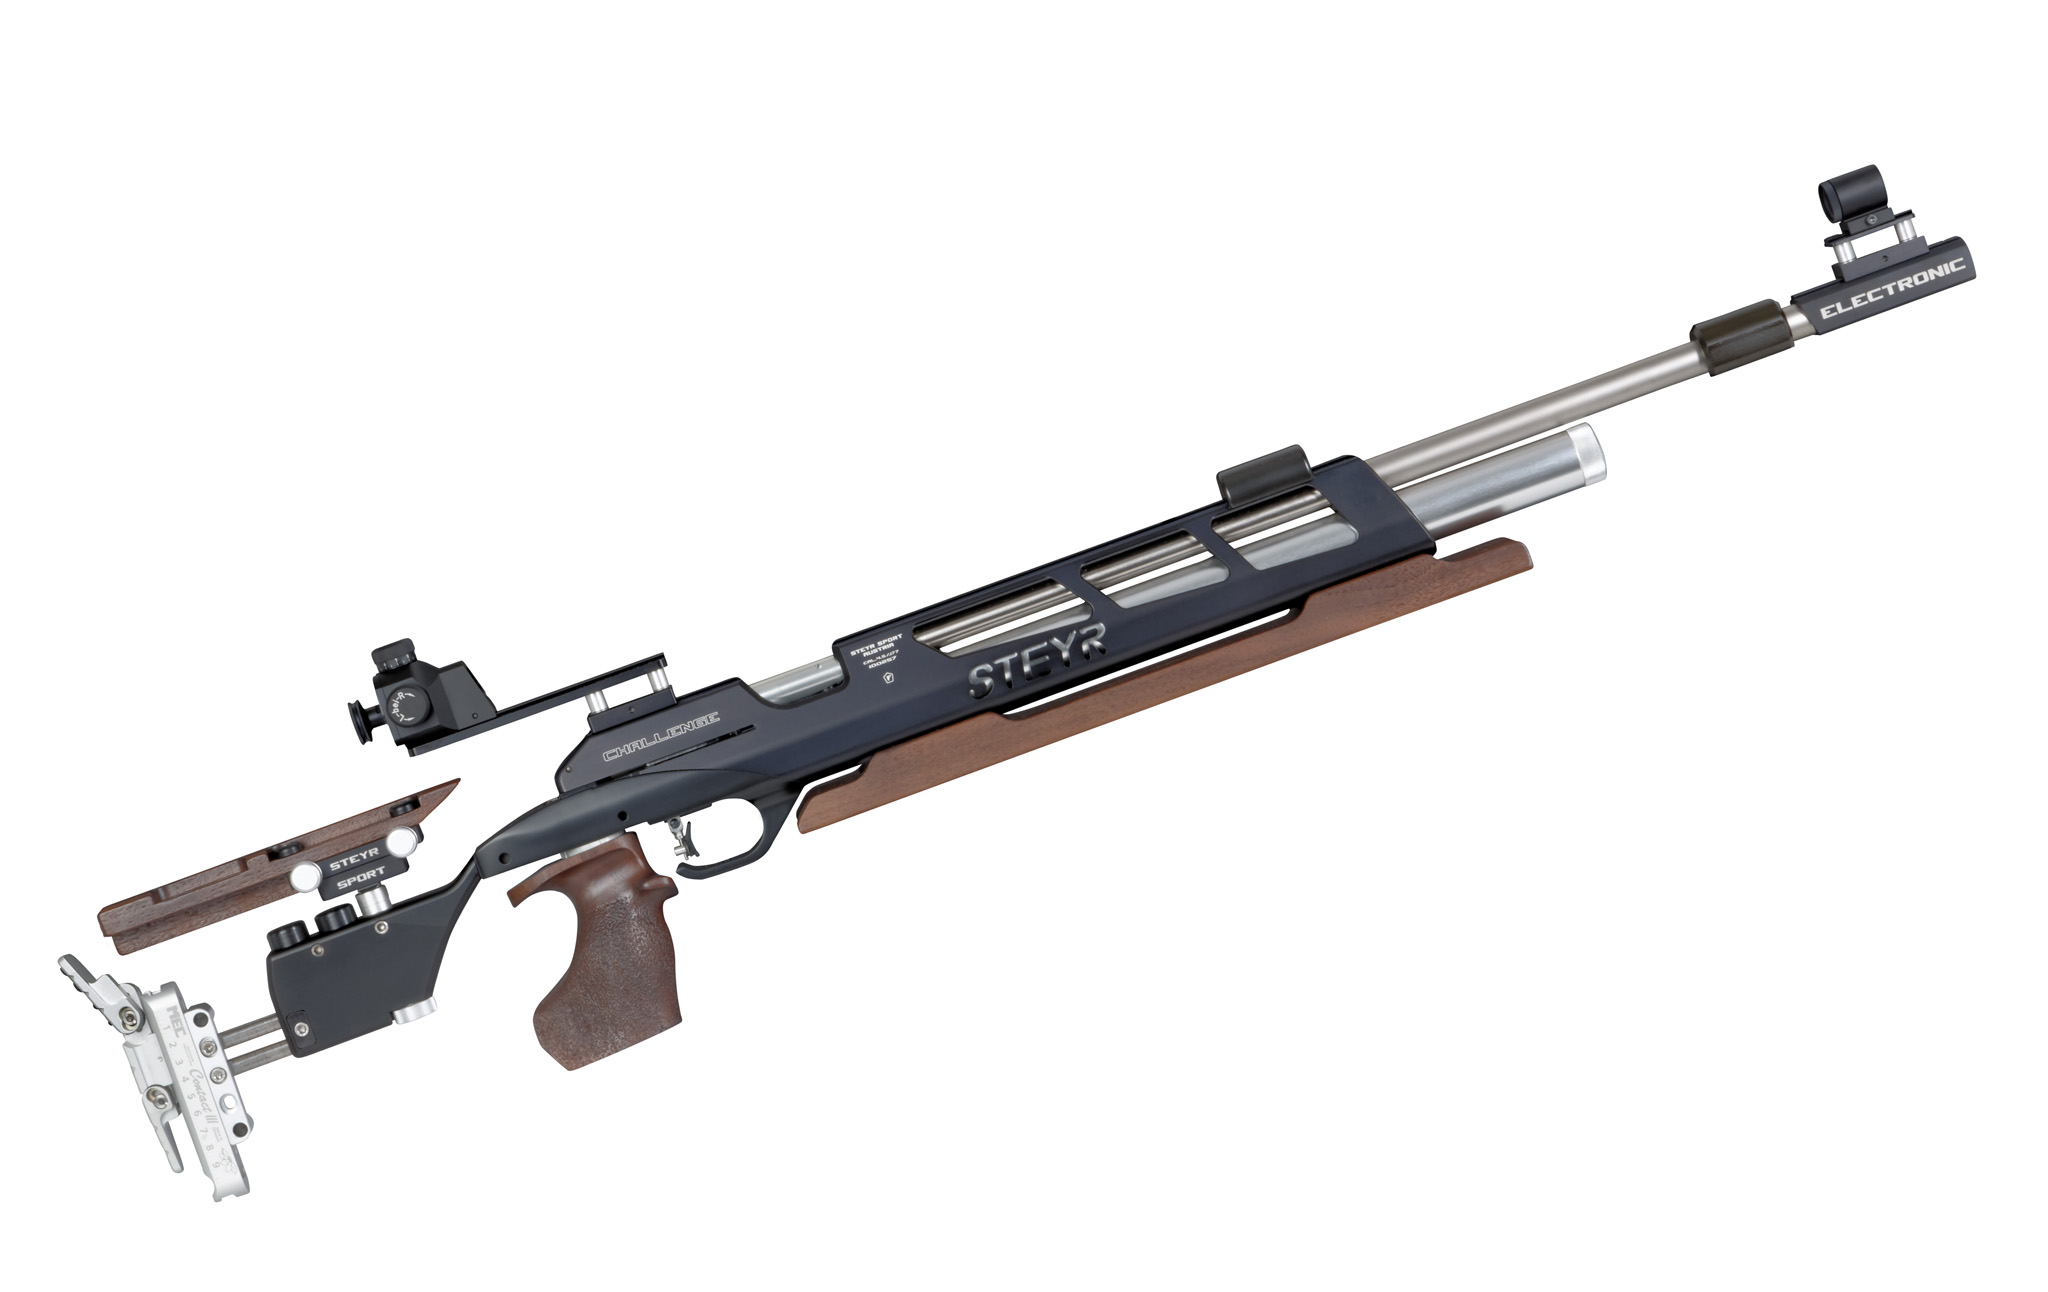 Steyr challenge e steyr mannlicher fucili rigati news - La xiarapina ...